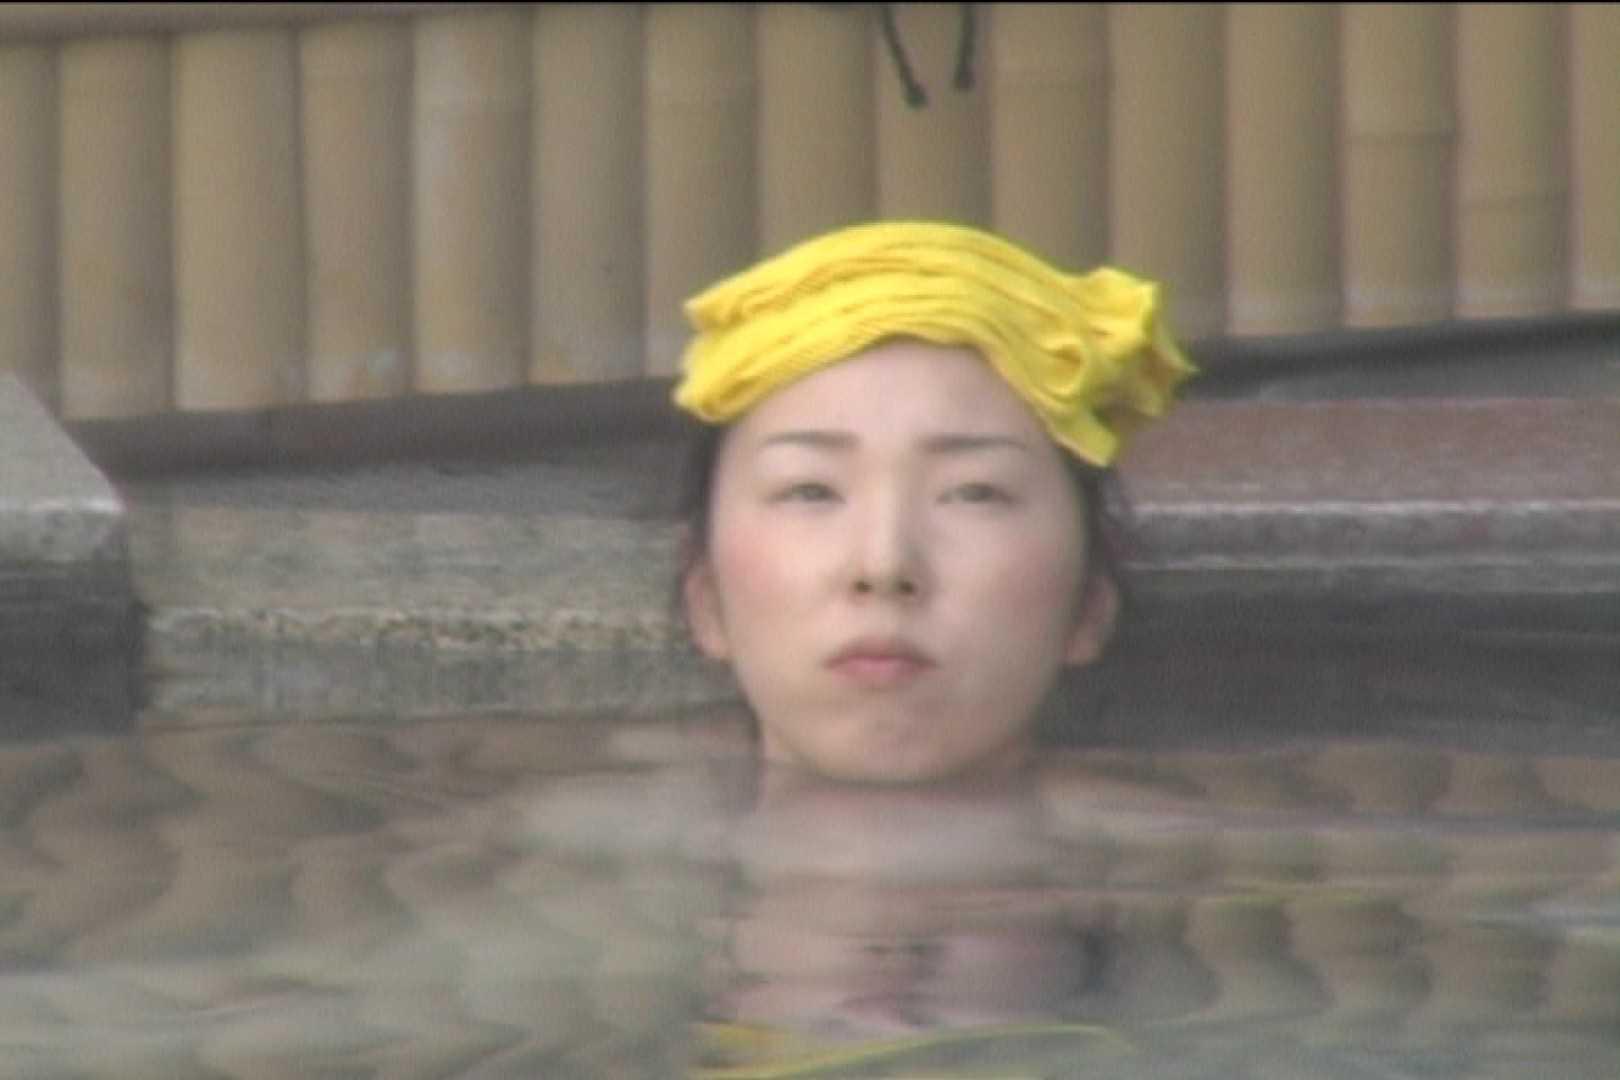 Aquaな露天風呂Vol.529 盗撮師作品 おめこ無修正画像 104pic 101